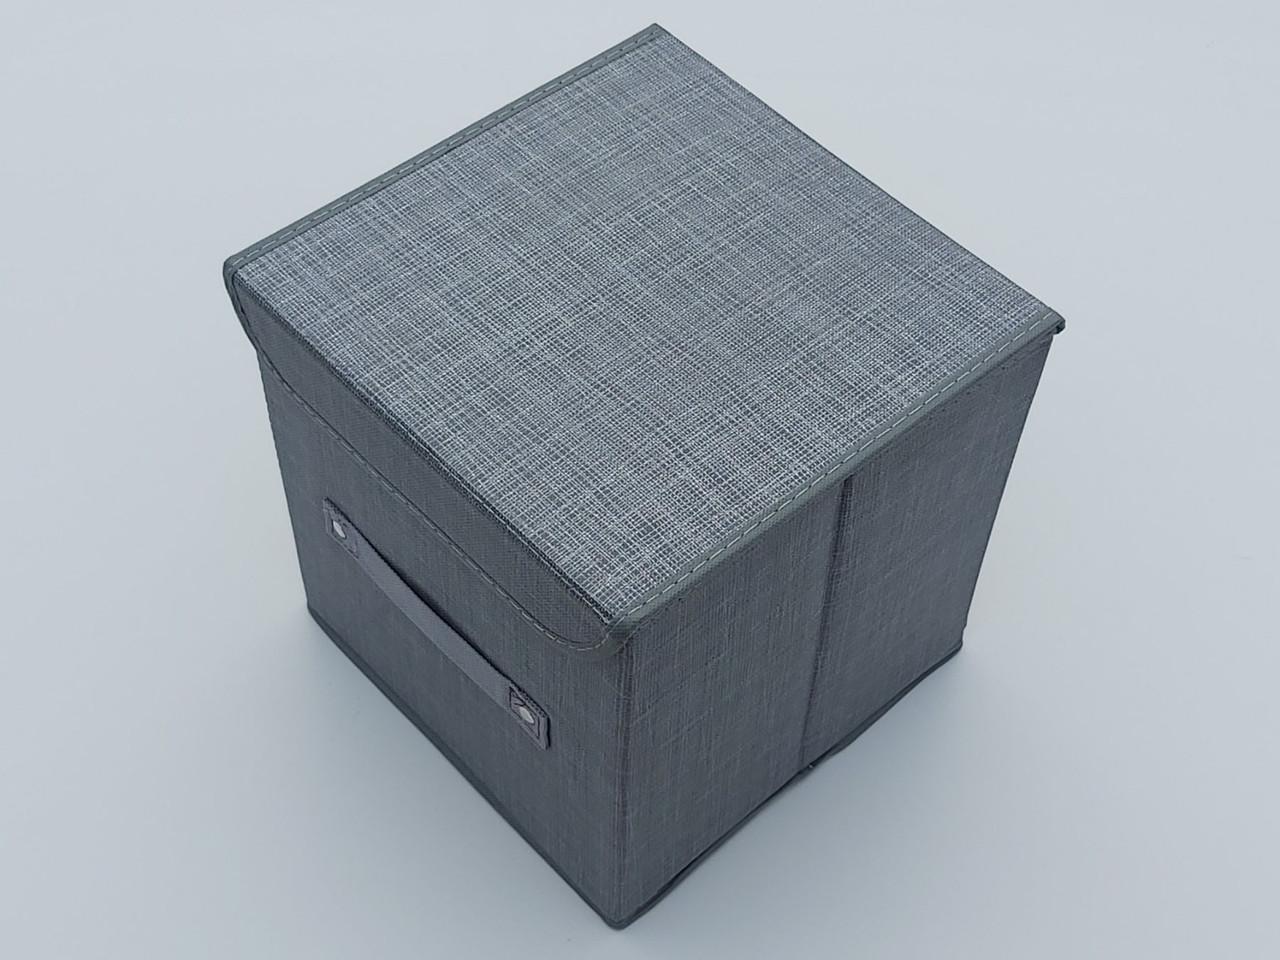 Коробка-органайзер   Ш 25*Д 25*В 25 см. Цвет серый для хранения одежды, обуви или небольших предметов